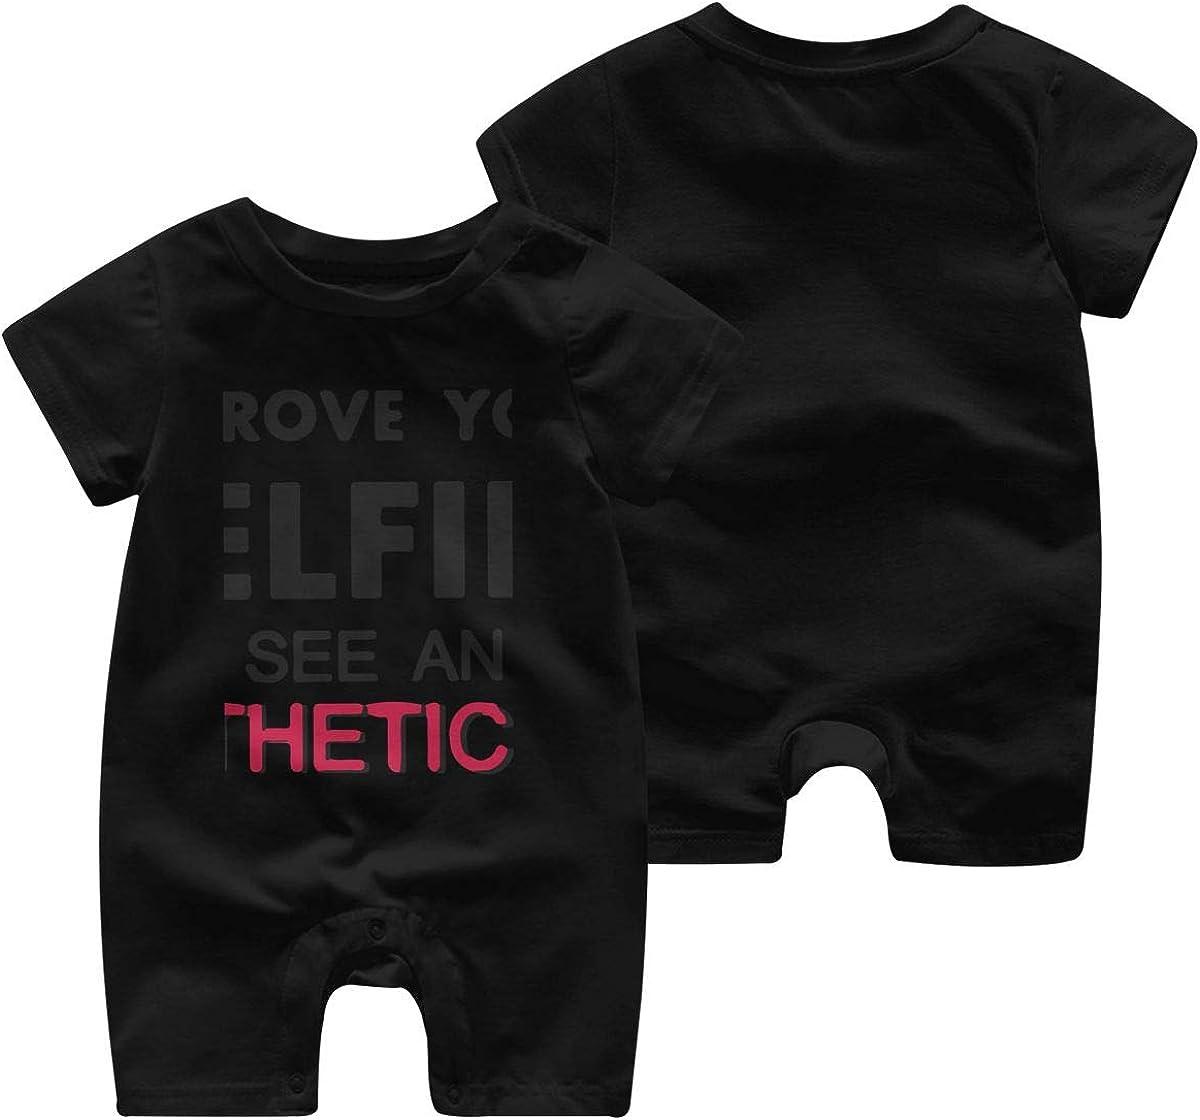 Baby Kids Infant Boy Cotton Short Sleeve Romper Jumpsuit Bodysuit Clothes Outfit